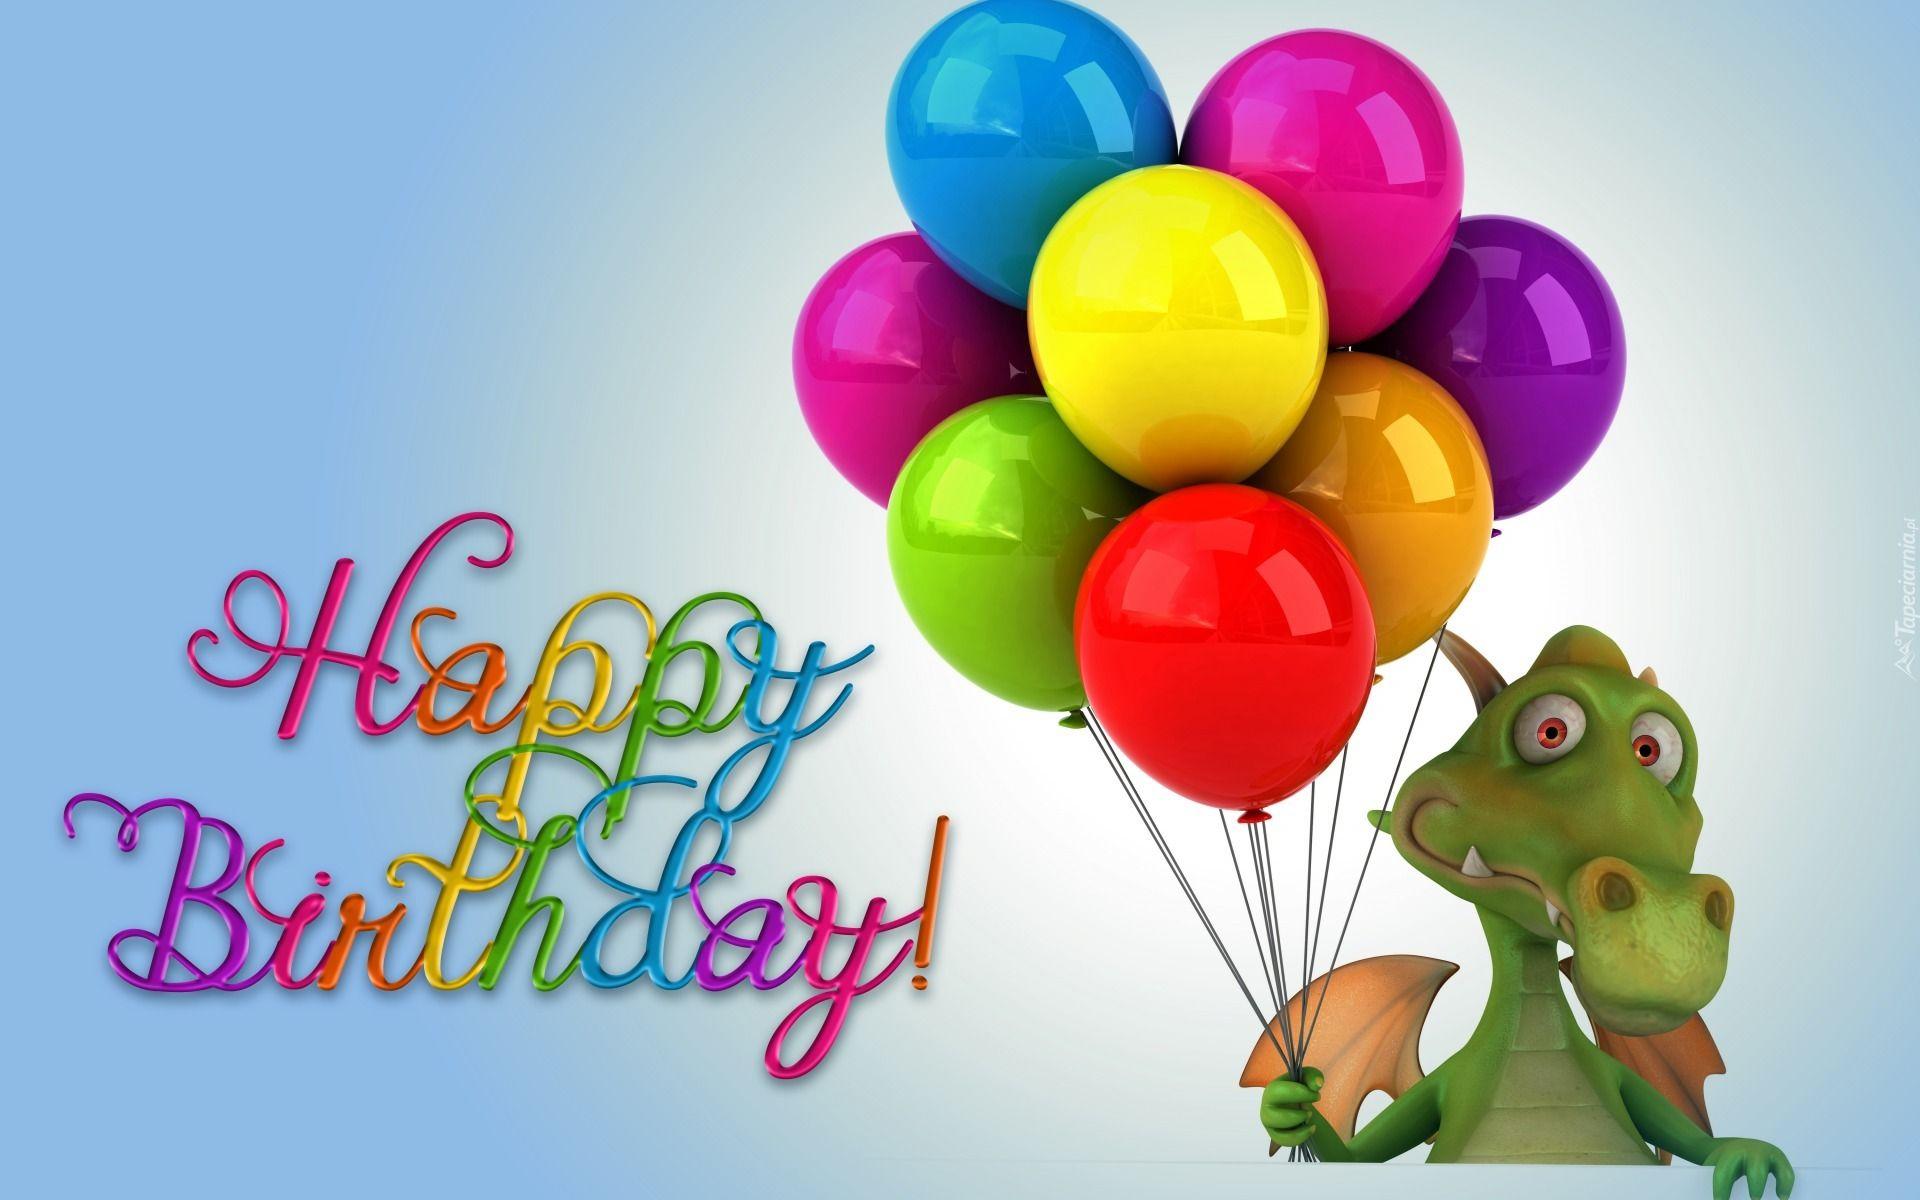 Smieszne Urodziny Smok Balony Napisy Tlo Niebieskie With